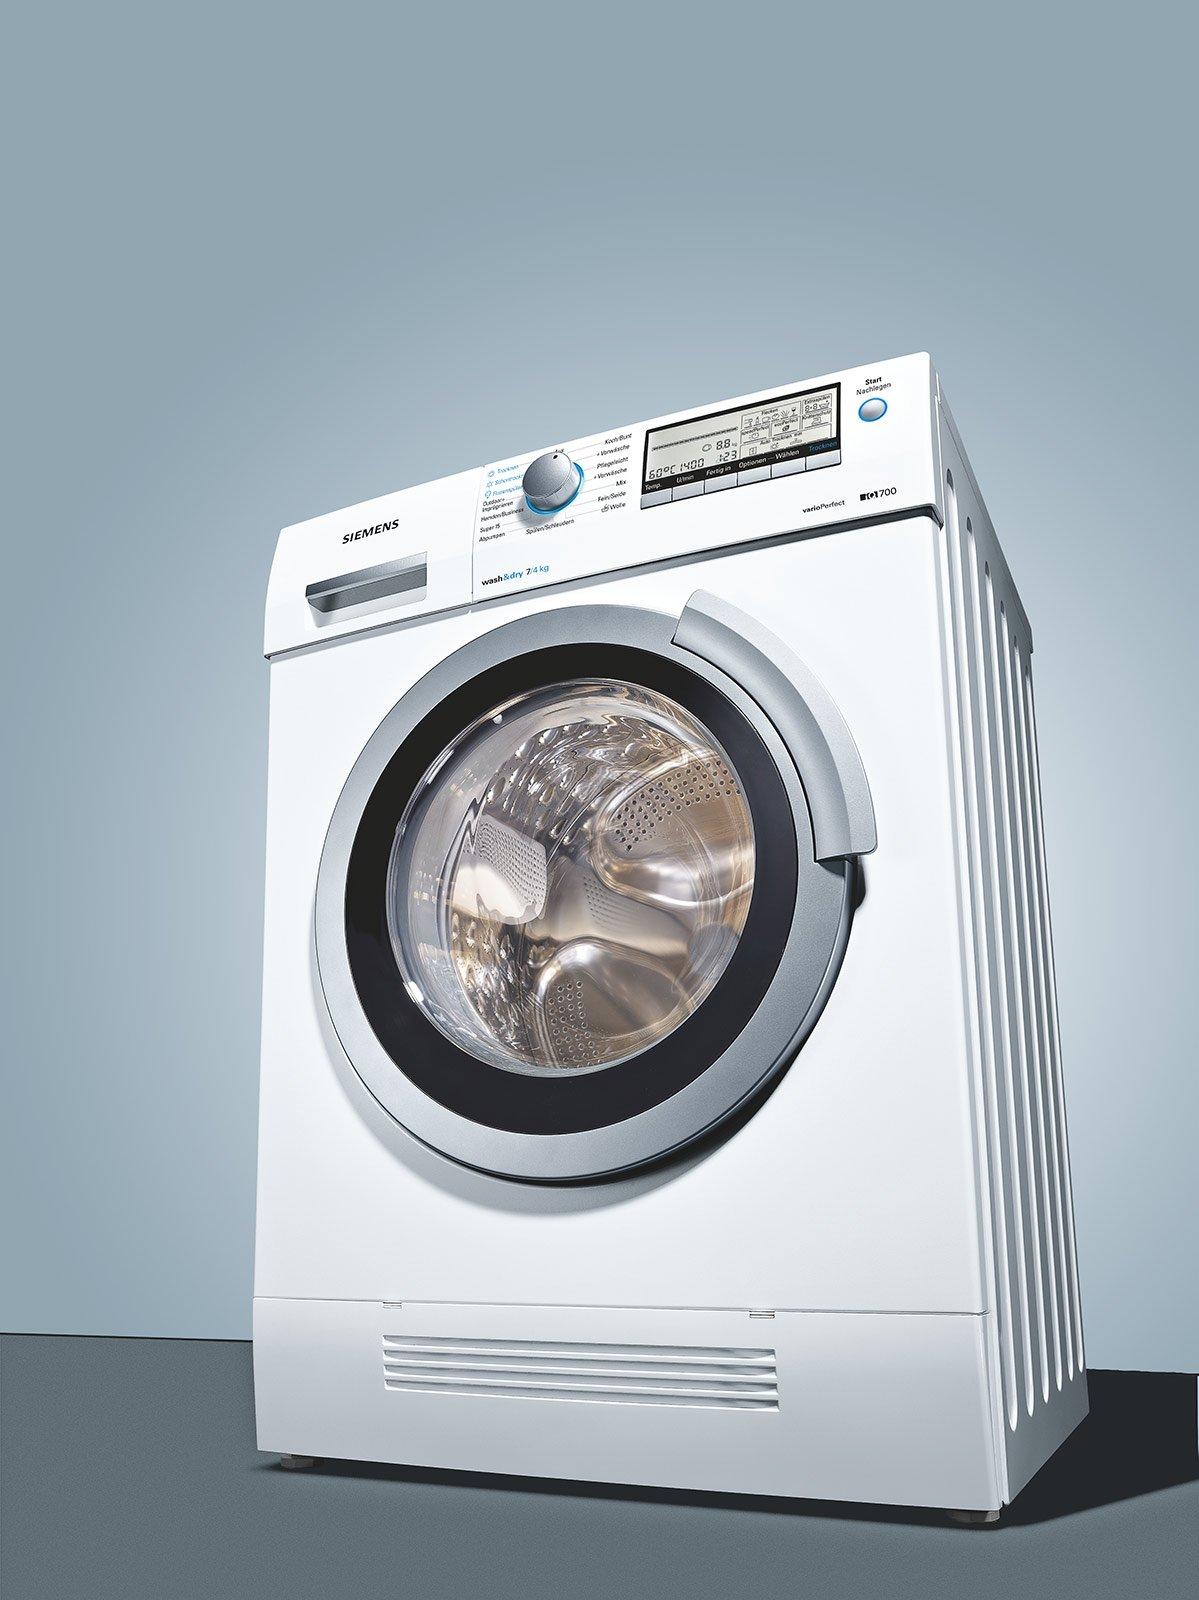 Lavasciuga salvaspazio e salvatempo cose di casa for Candy lavasciuga